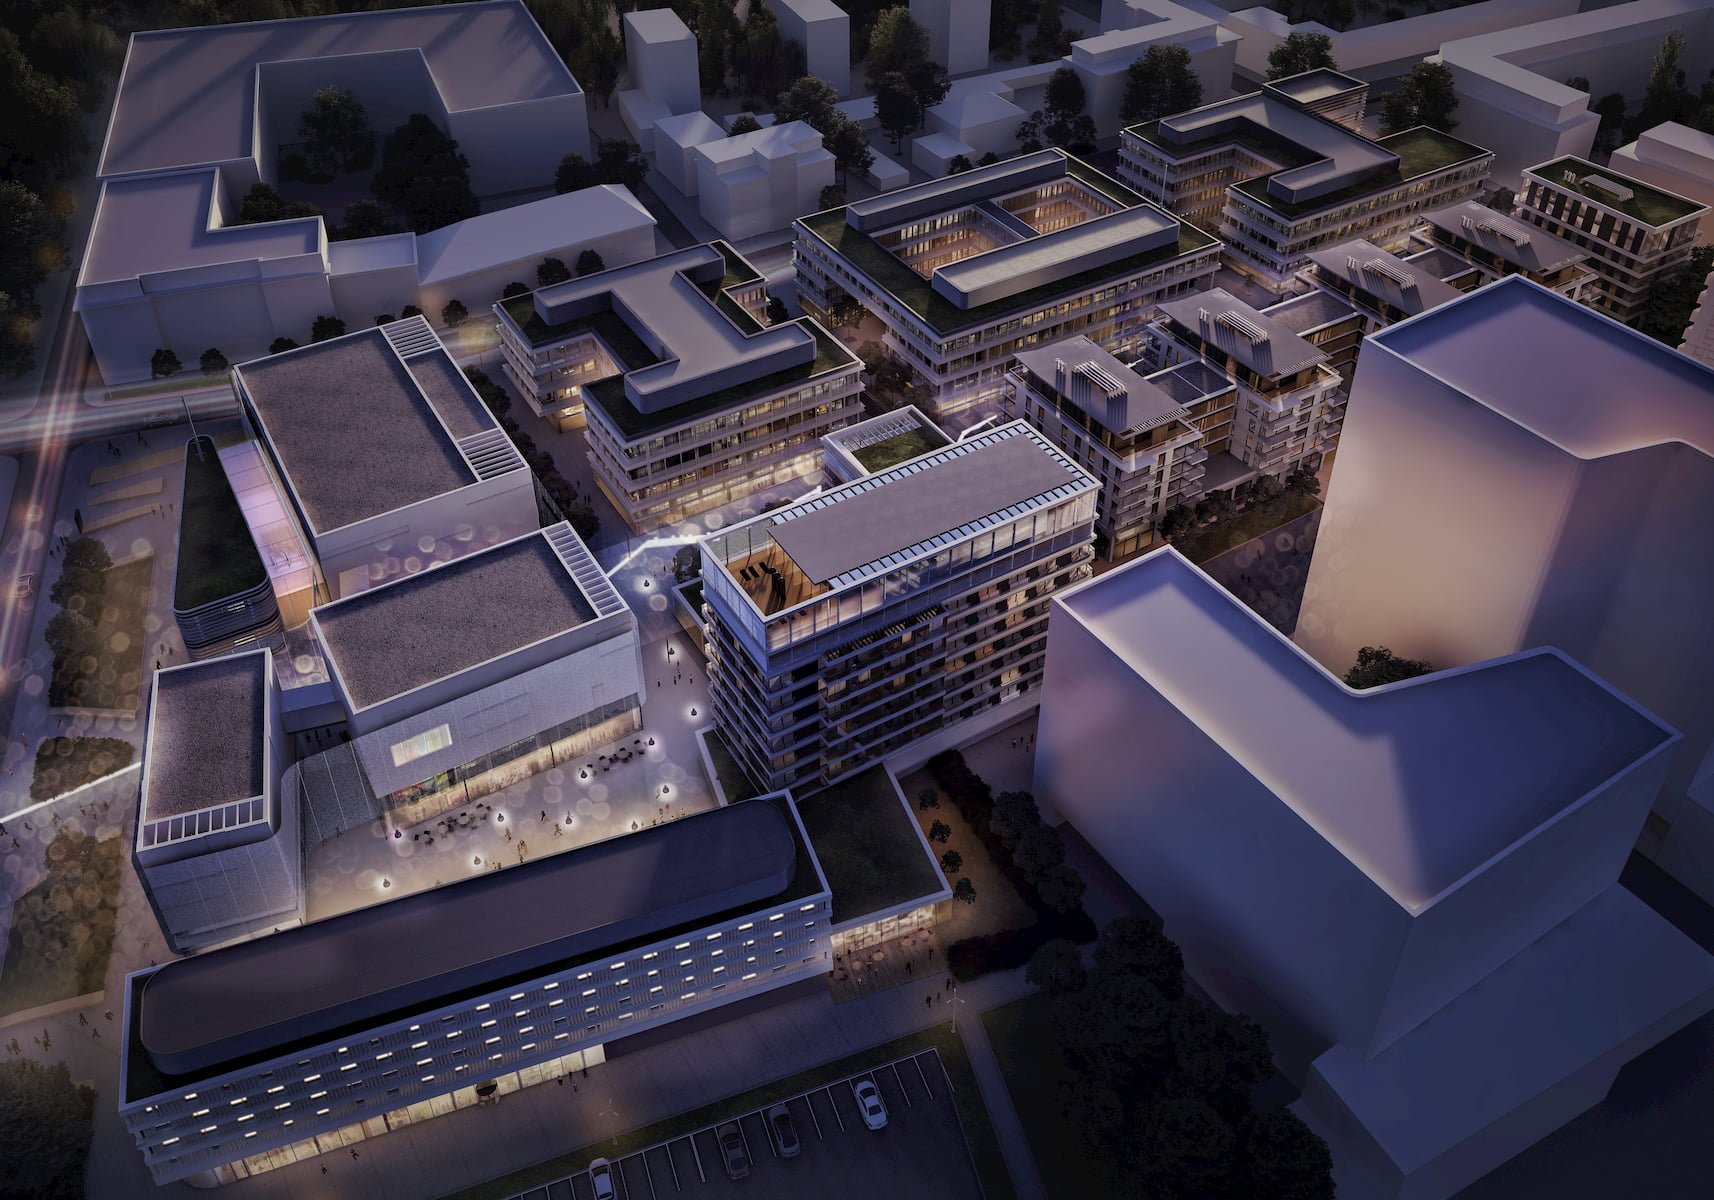 Gdynia Waterfront Vastint APA Wojciechowski Architekci 2017 aerial view